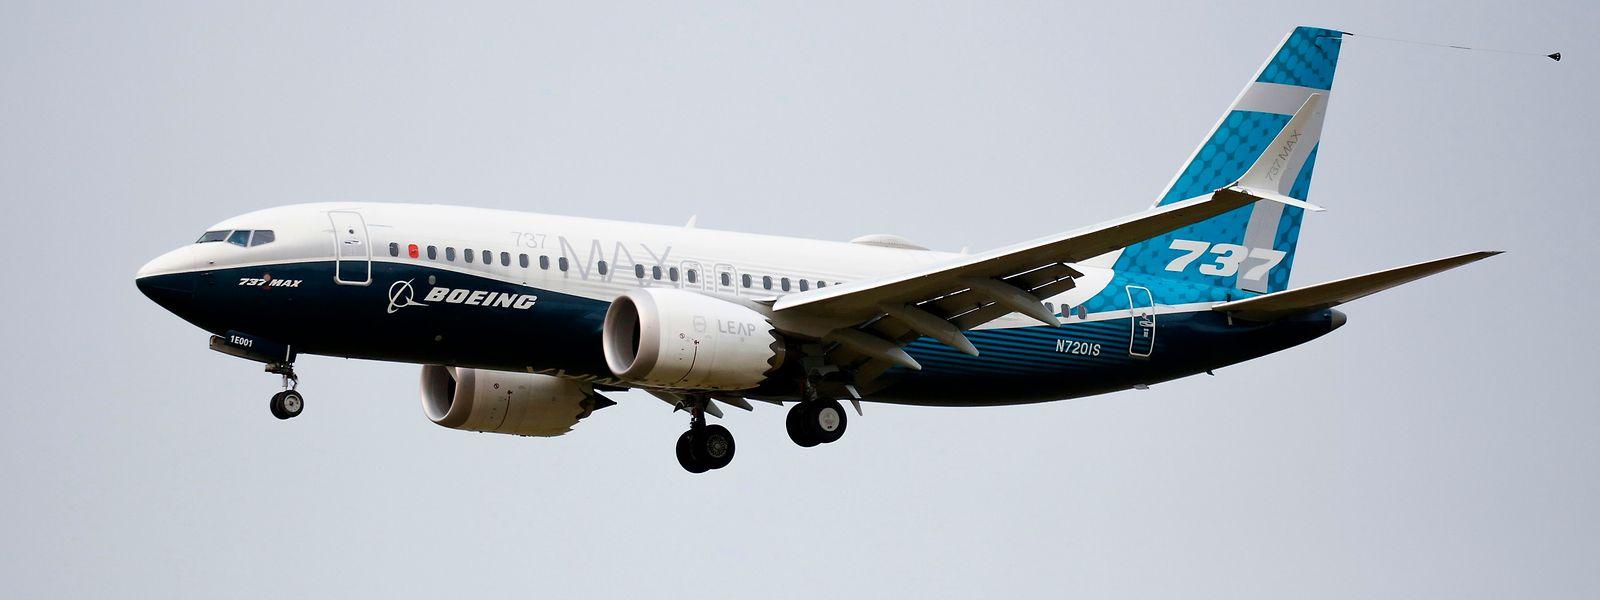 Die 737-Max-Krise hat Boeing finanziell bereits massiv unter Druck gebracht. Zahlreiche Aufträge wurden storniert, Boeing entstanden etliche Milliarden an Sonderkosten.